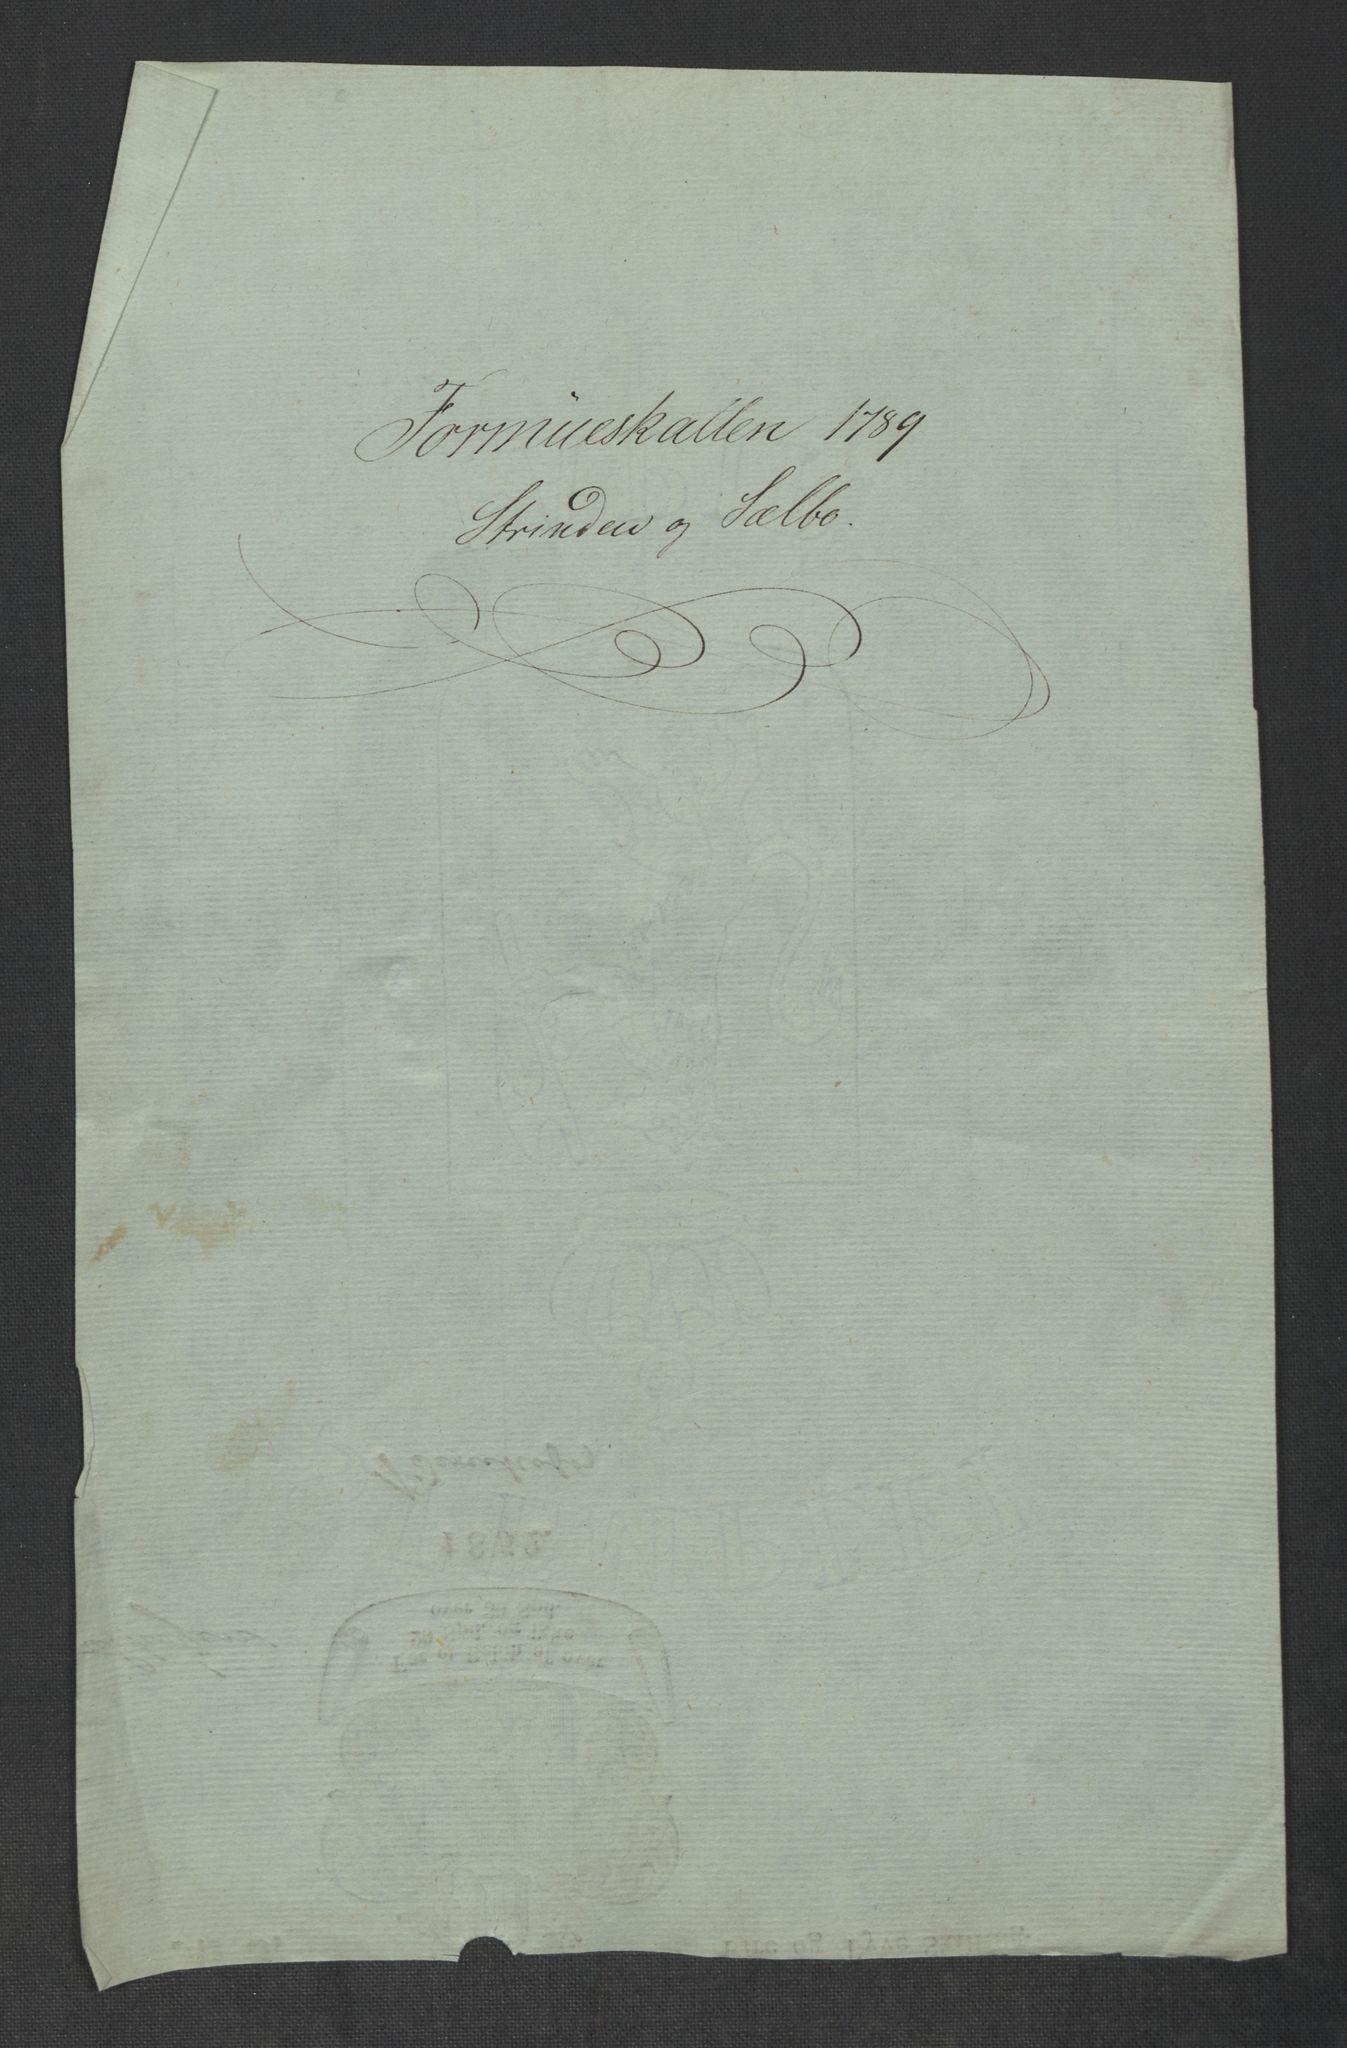 RA, Rentekammeret inntil 1814, Reviderte regnskaper, Mindre regnskaper, Rf/Rfe/L0047: Strinda og Selbu fogderi. Strømsø, 1789, s. 3